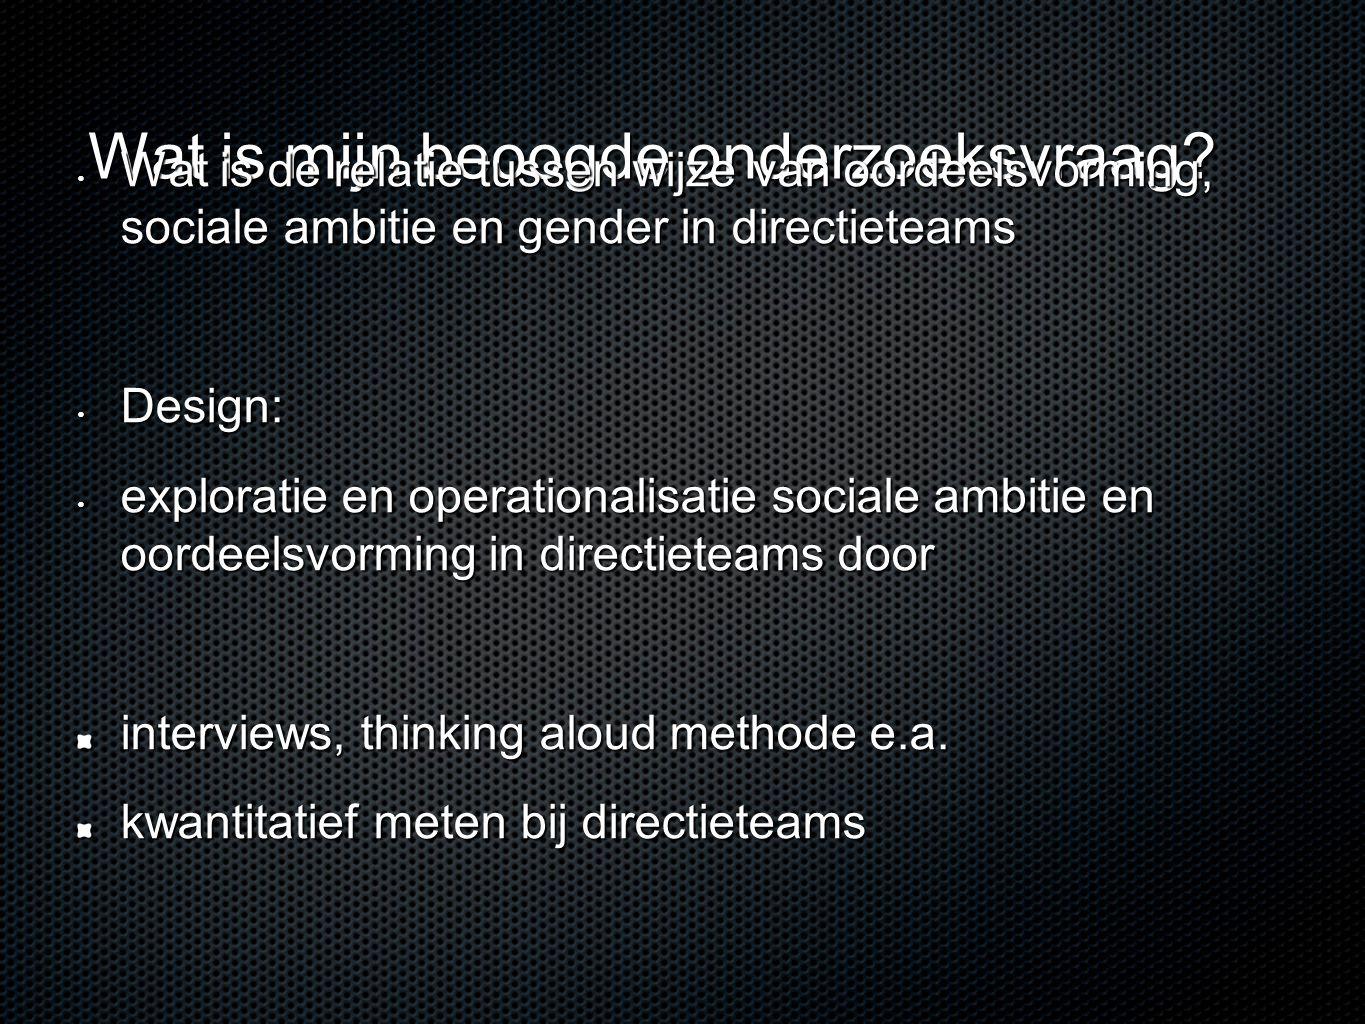 Wat is mijn beoogde onderzoeksvraag? • Wat is de relatie tussen wijze van oordeelsvorming, sociale ambitie en gender in directieteams • Design: • expl